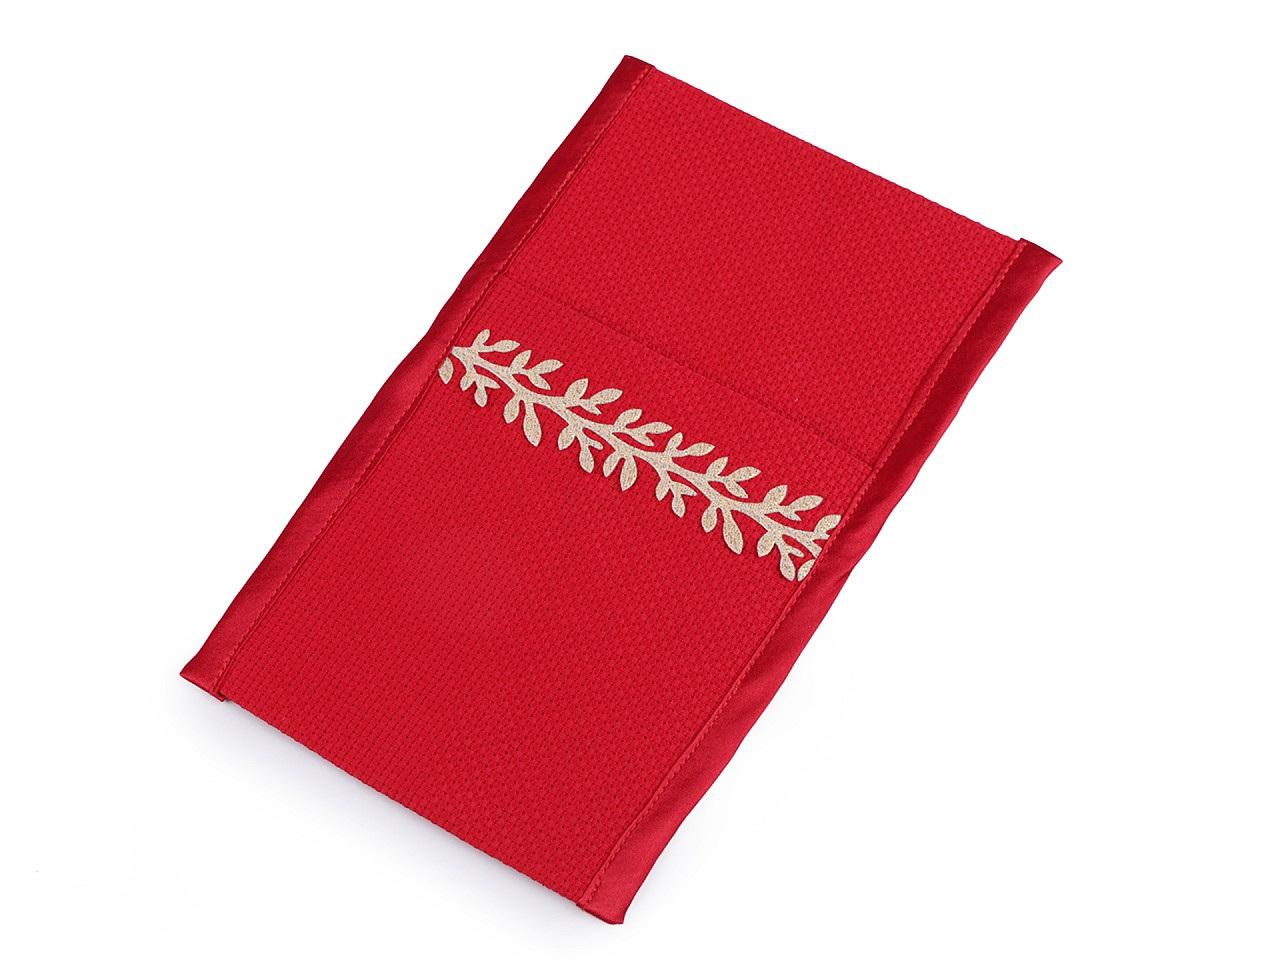 Kapsa na příbory s větvičkou 12x21 cm, barva 2 červená zlatá